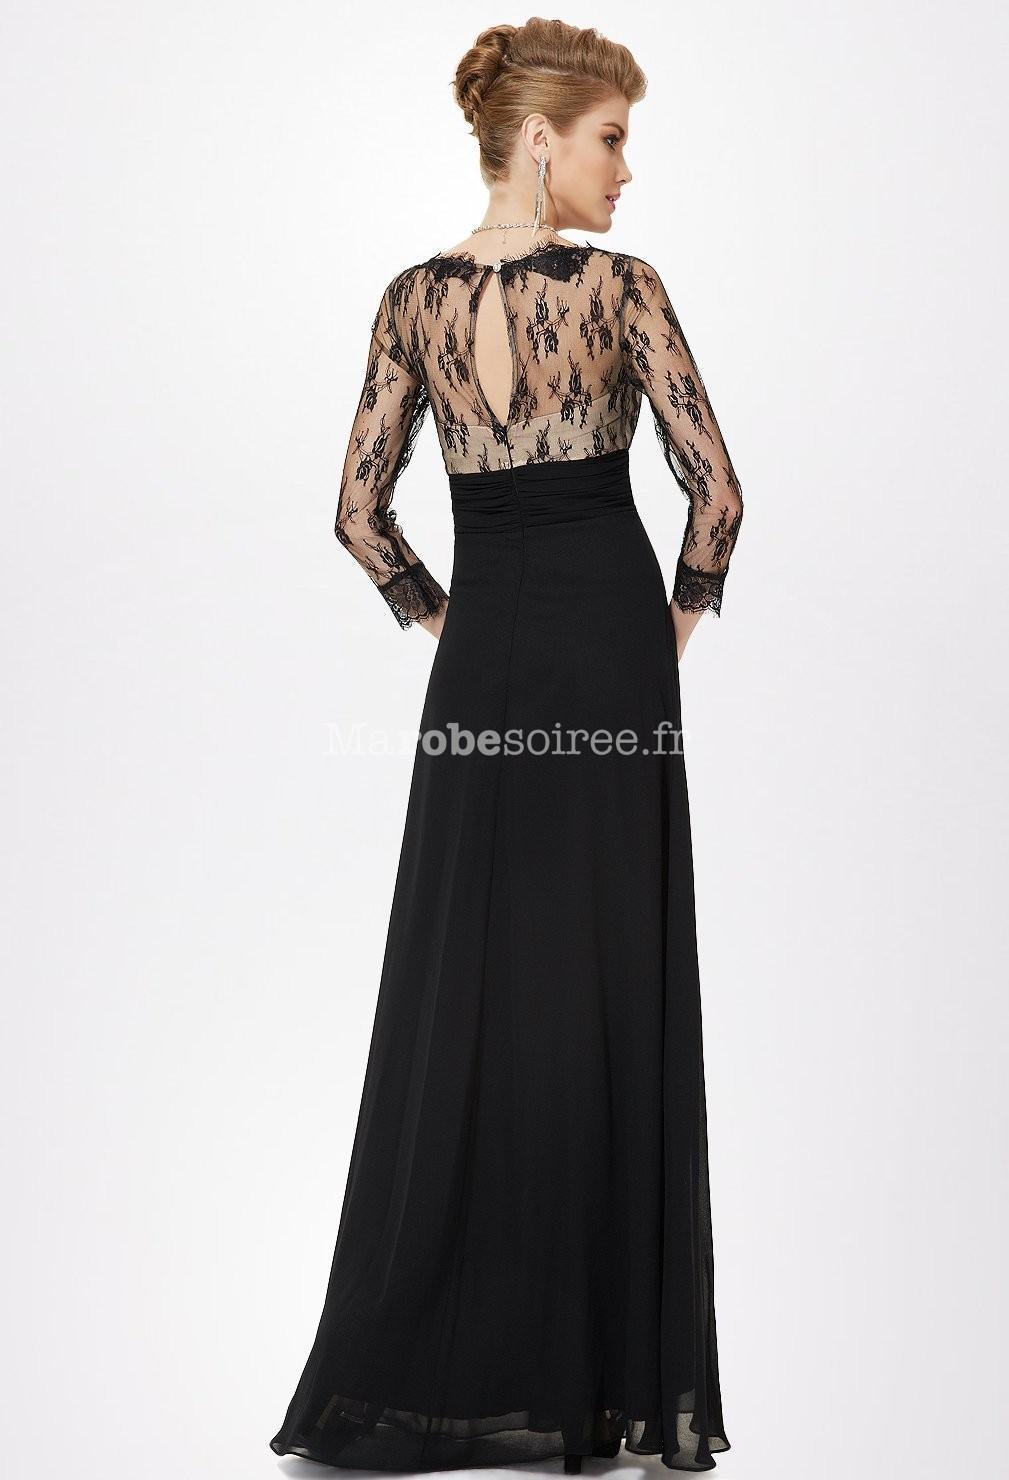 Robe longue noir manche 3 4